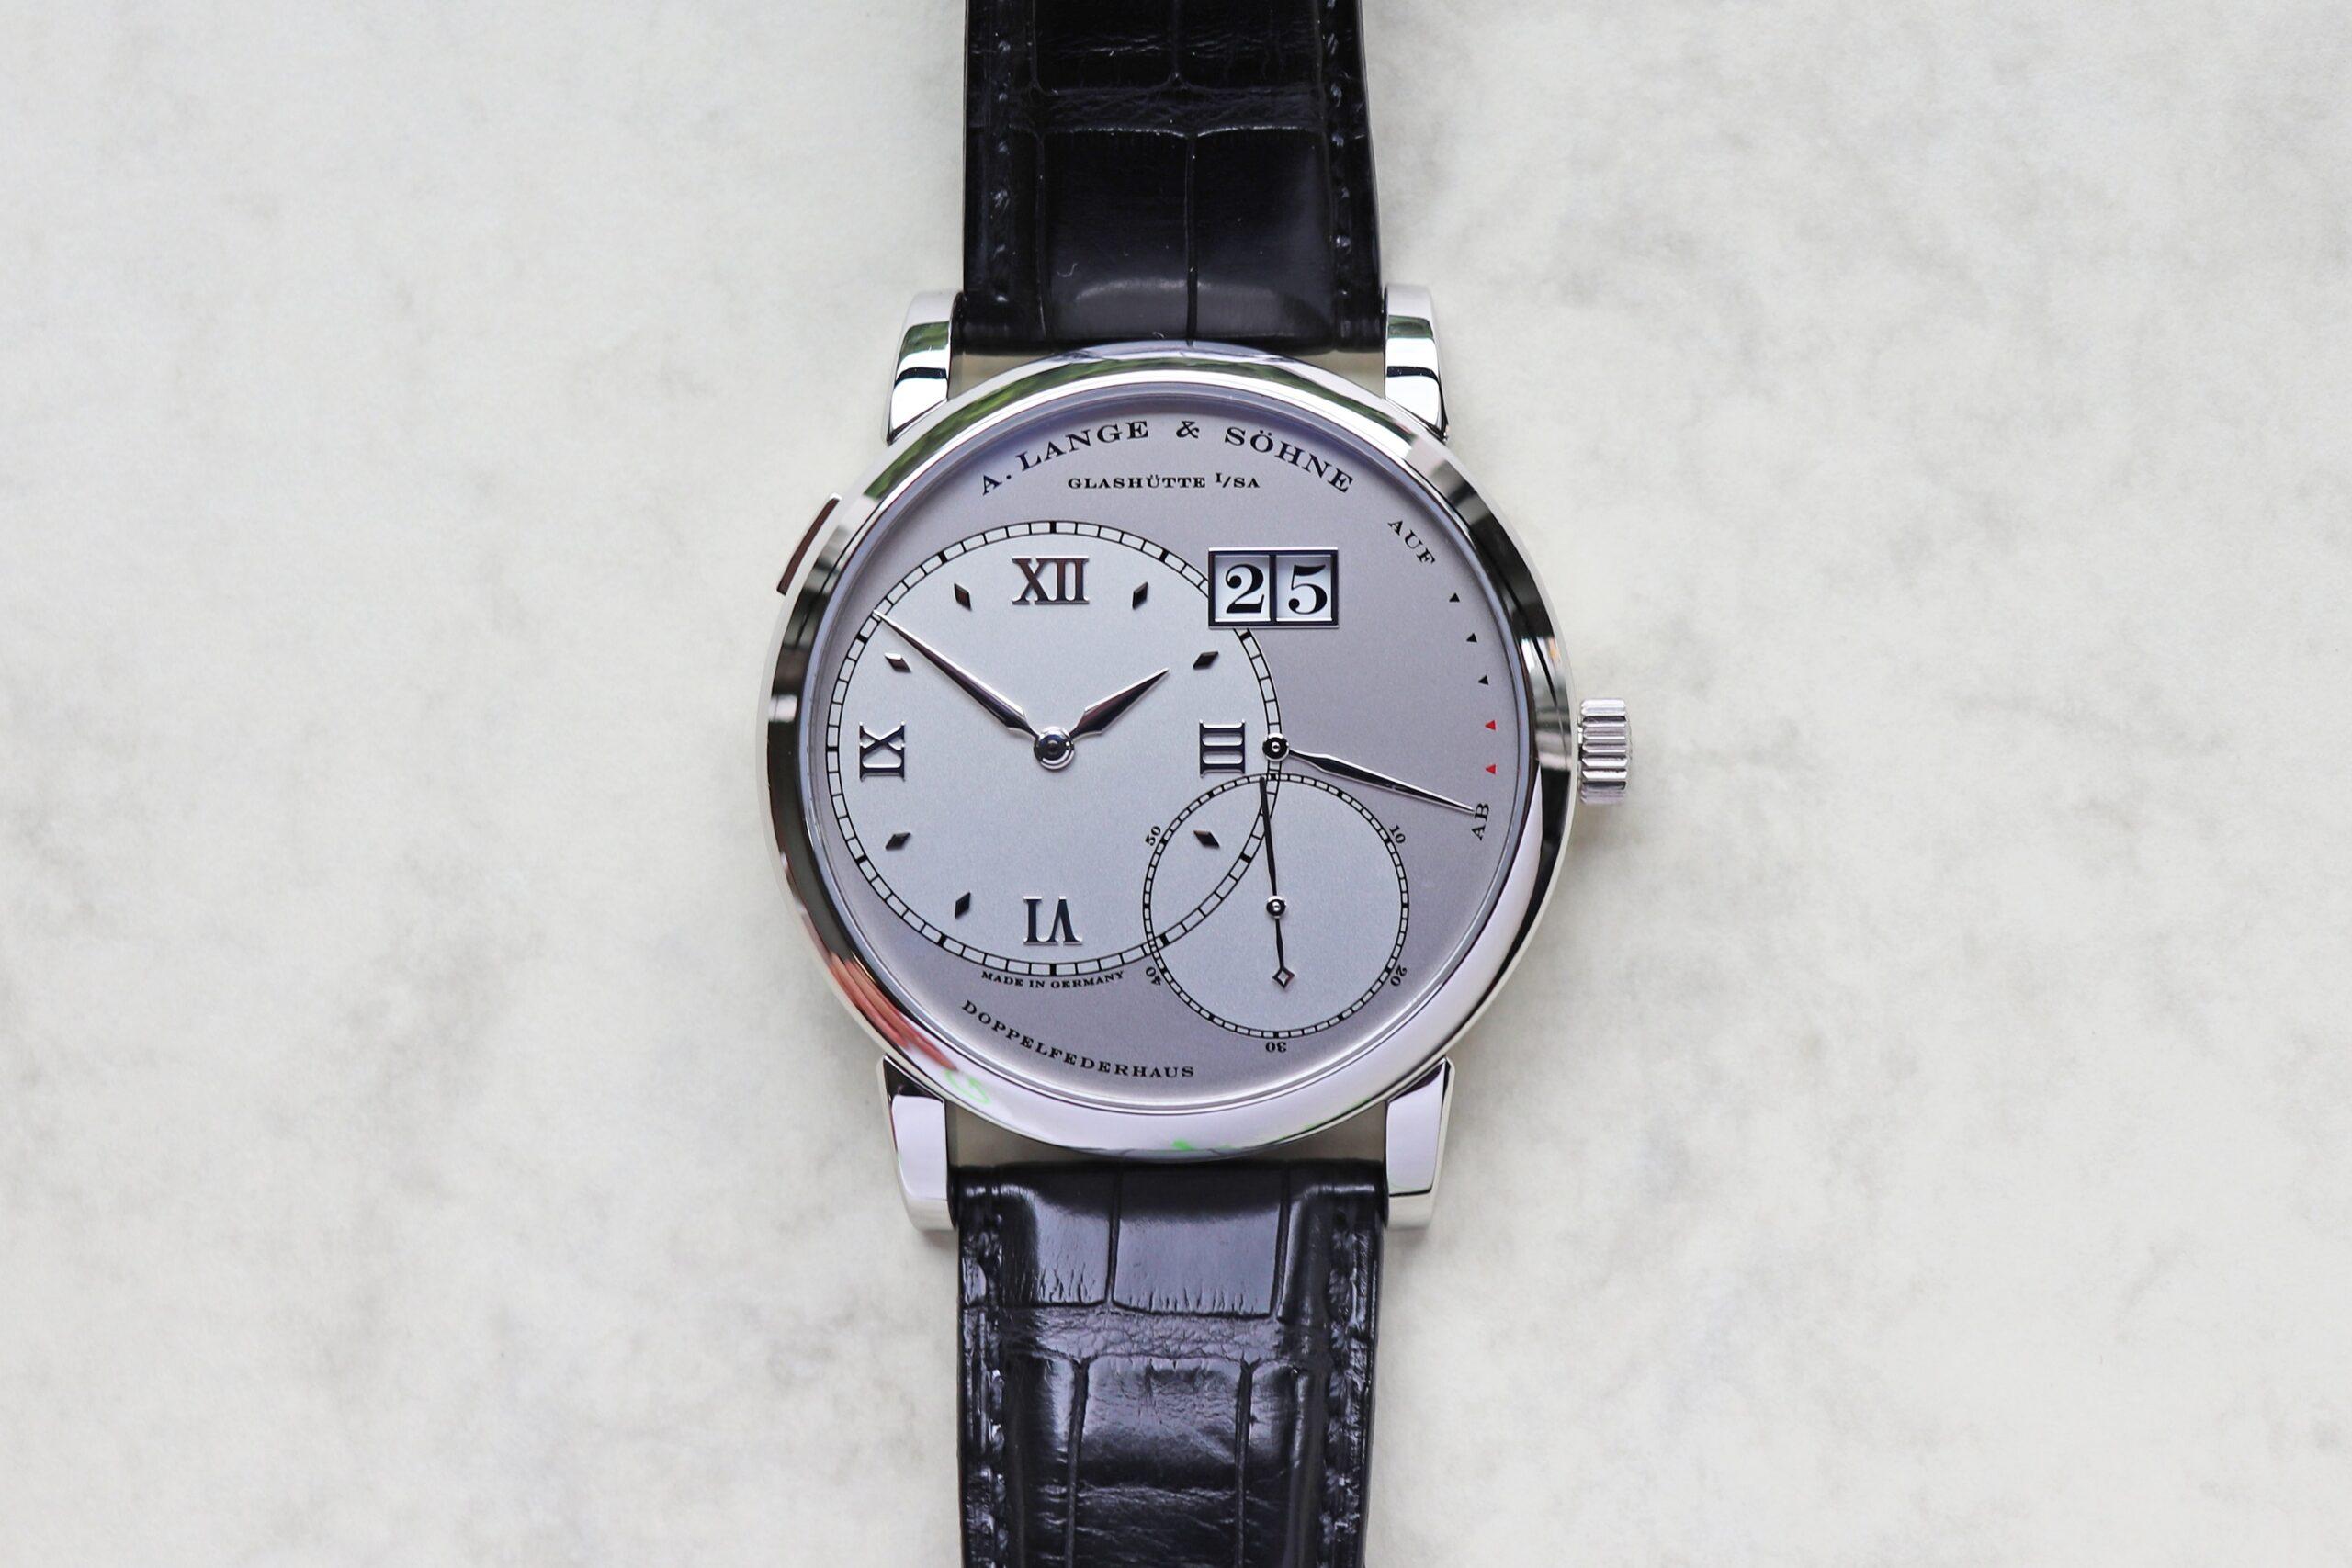 Grand Lange 1 in platinum case reference 115.025